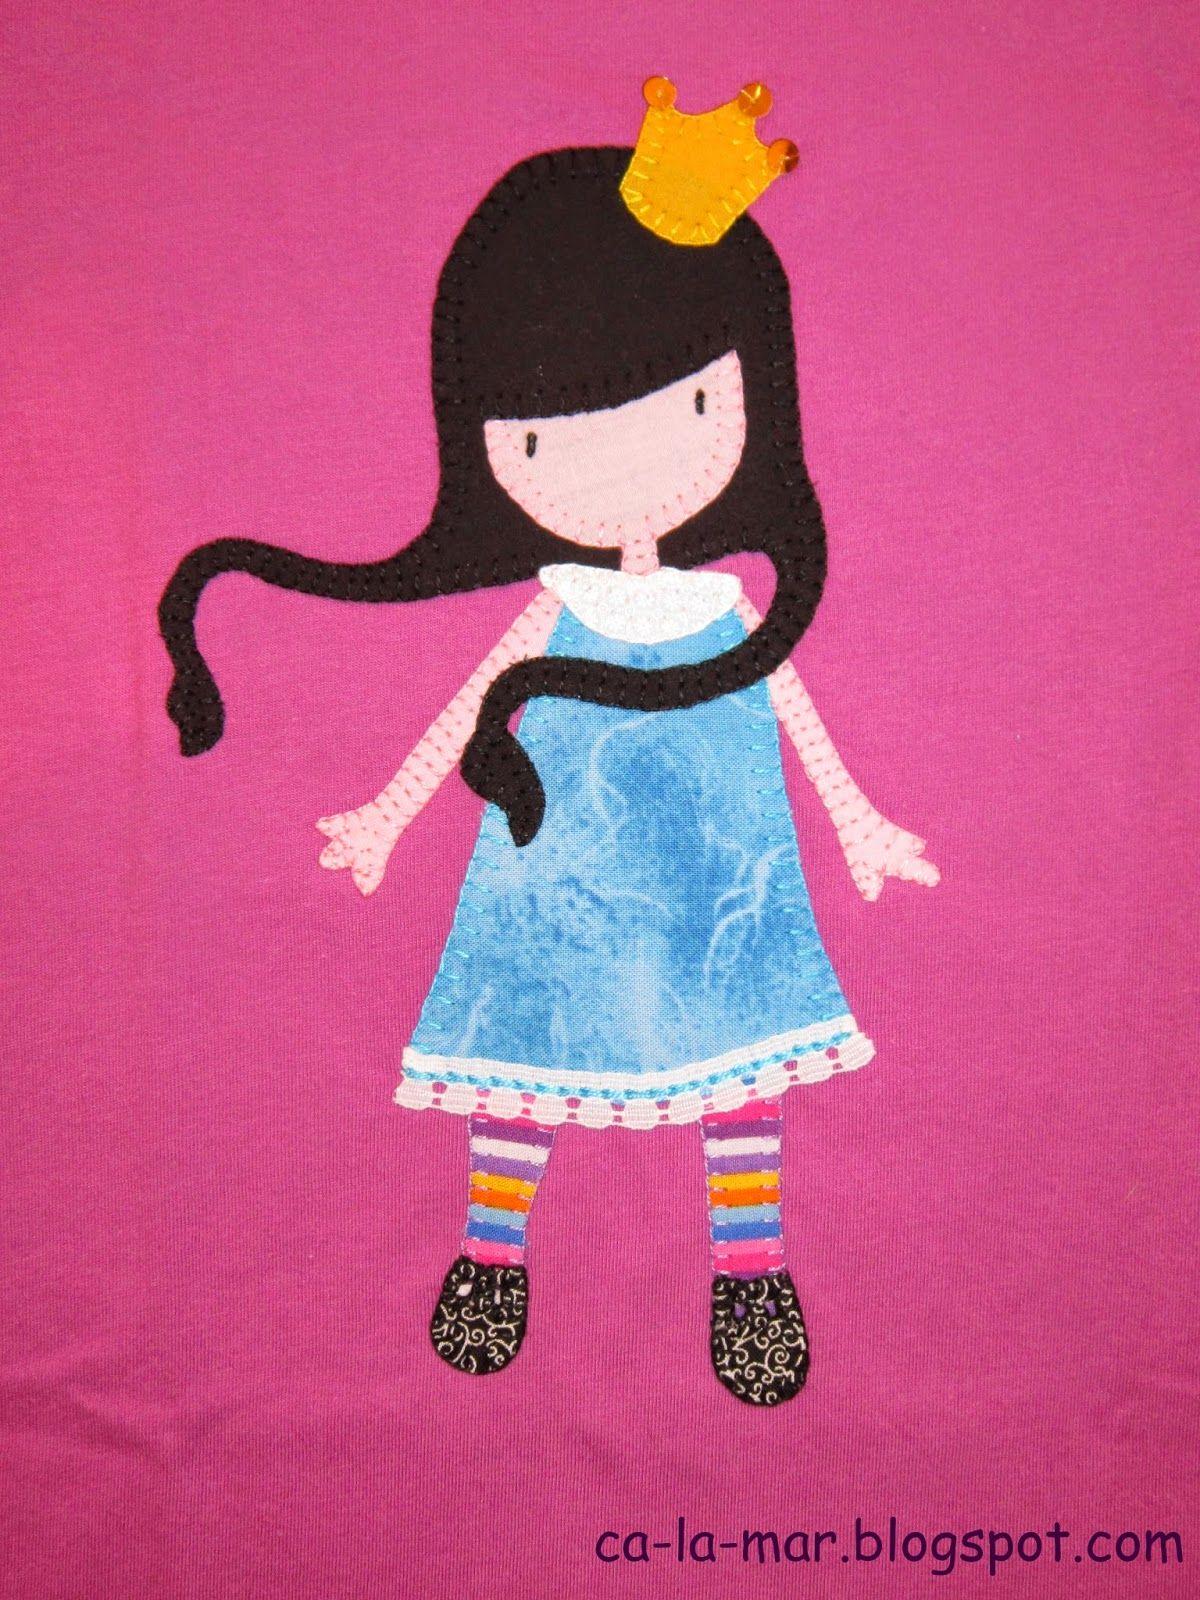 Patchwork Camiseta Con Mu Eca Gorjuss Patchwork Camisetas  ~ Ideas Para Decorar Camisetas Infantiles